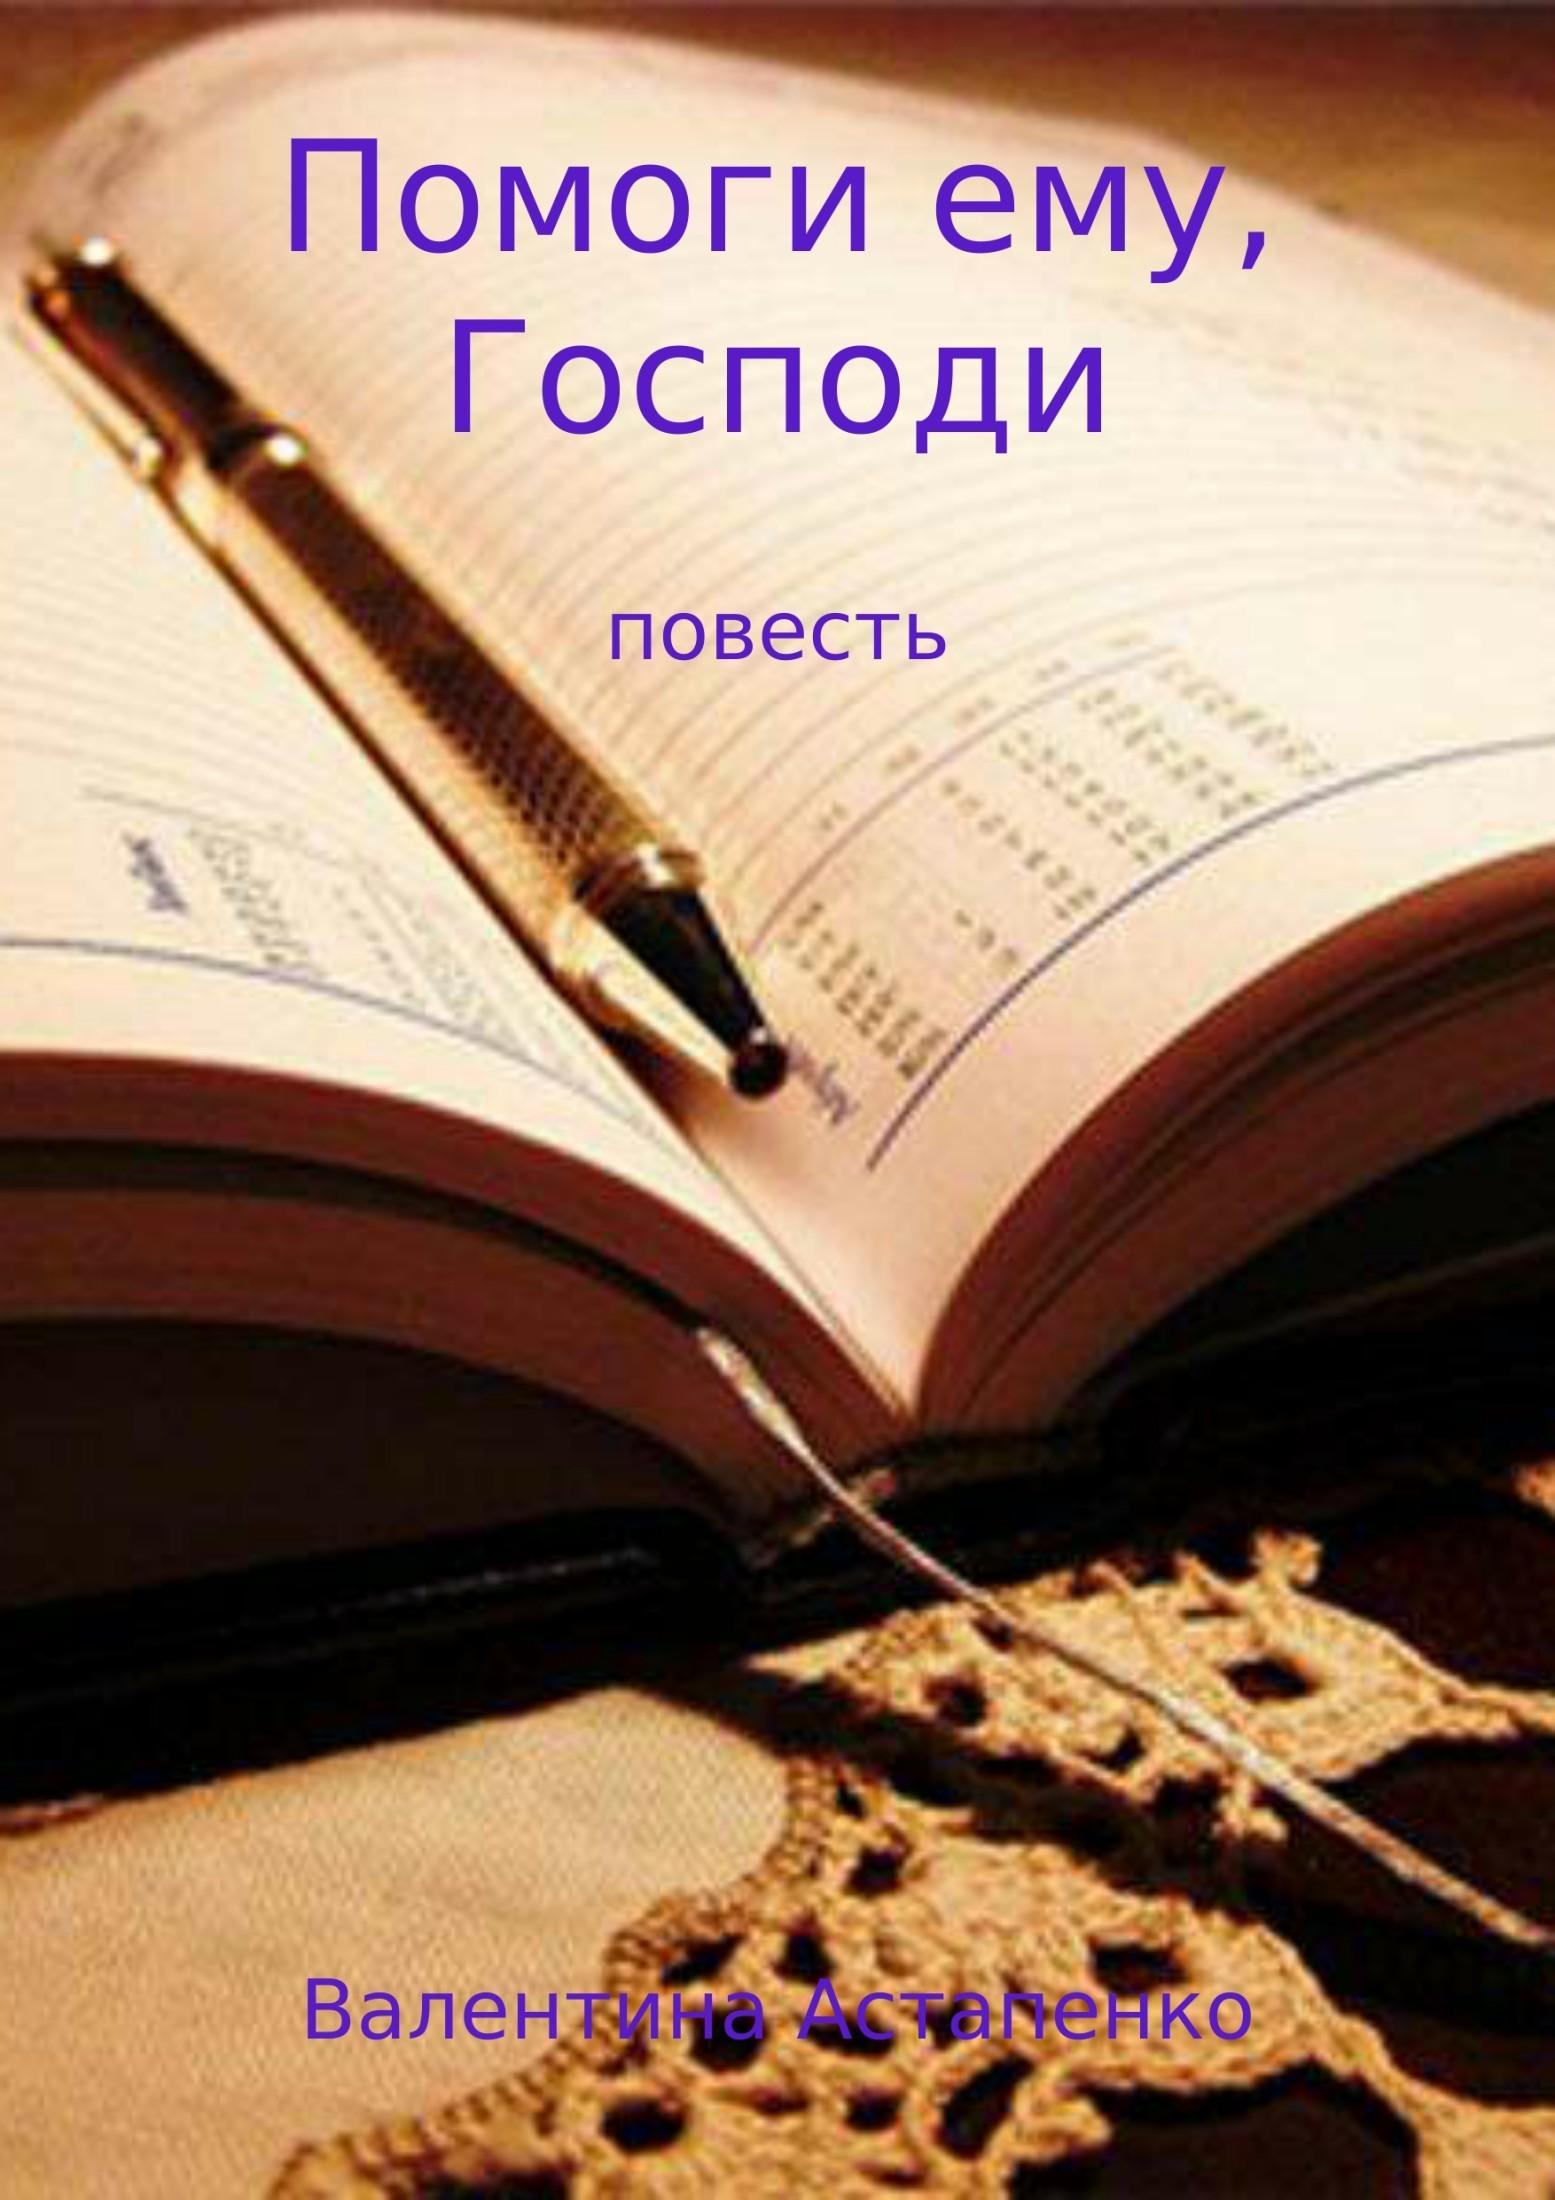 Валентина Викторовна Астапенко Помоги ему, Господи отсутствует помоги господи изжить гордыню